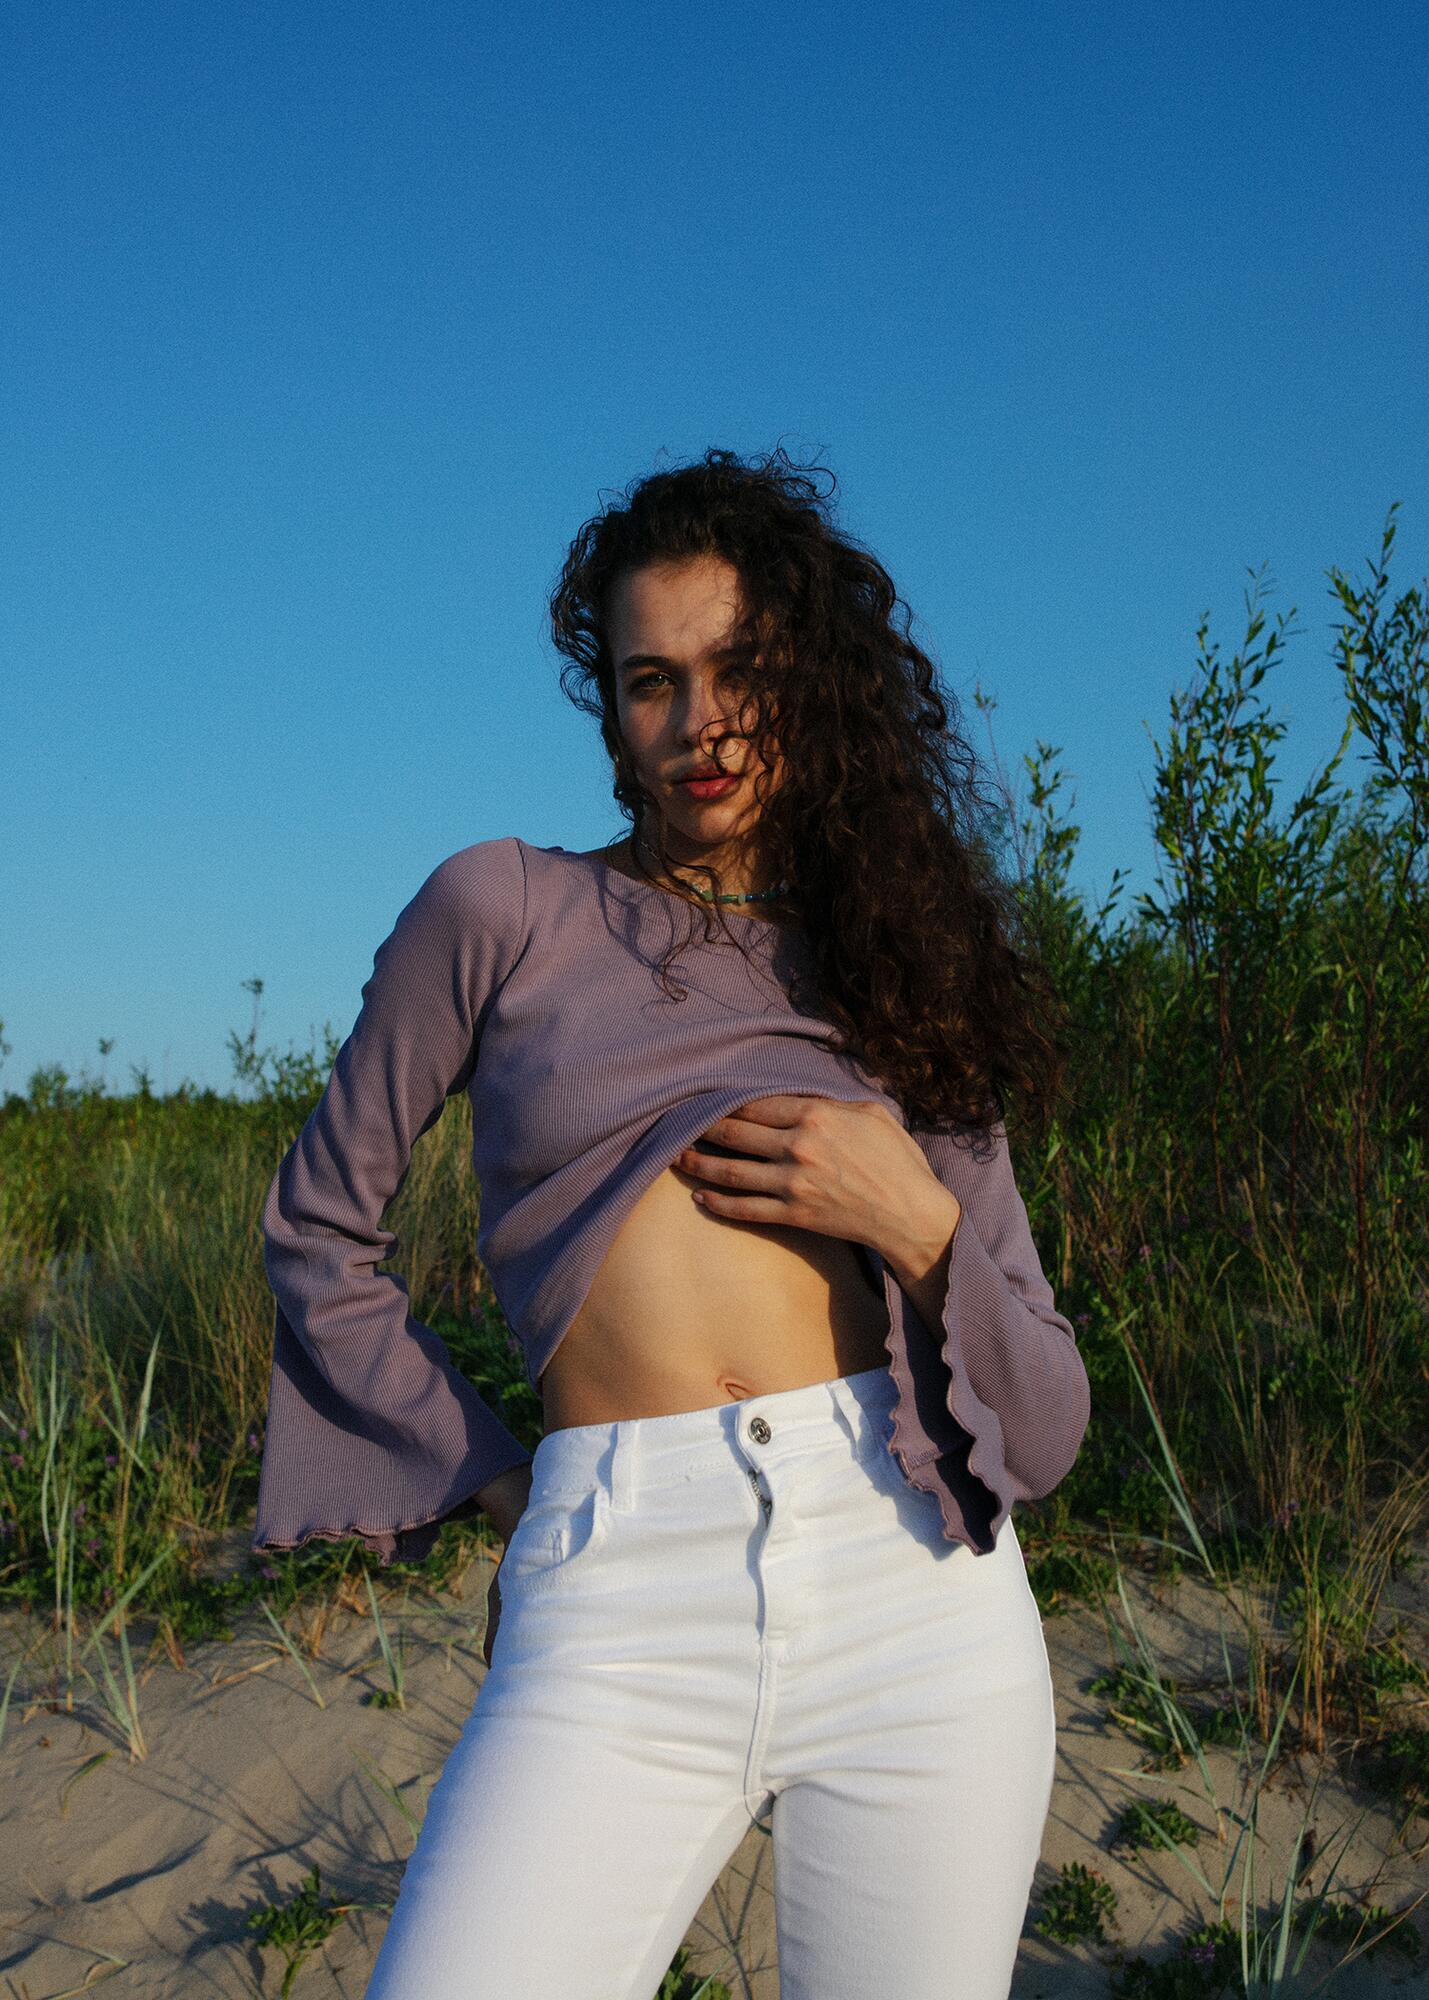 Bluzka HIPPIE Lavender - noszesztuke | JestemSlow.pl